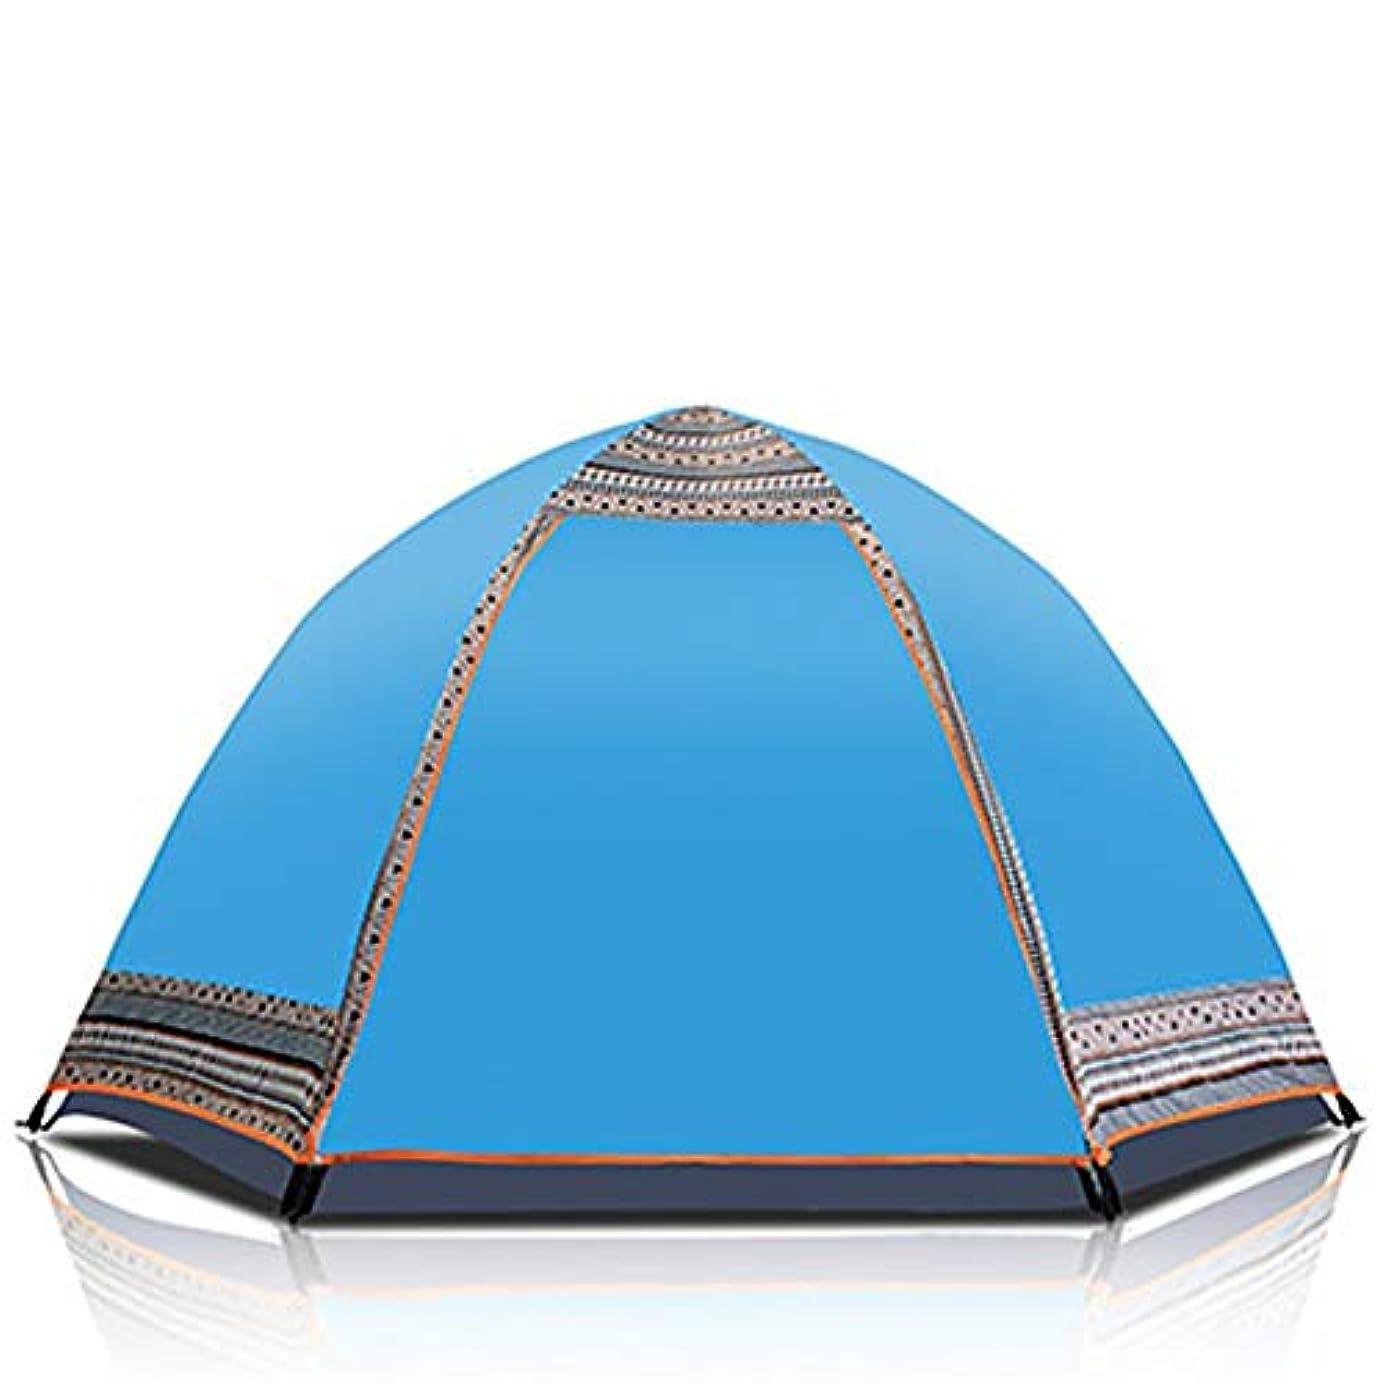 カポックパパ市民キャンプのための防水おおいをセットアップすること容易な3から4人の自動開始の六角形の油圧二重層のテントのためのポップアップテント